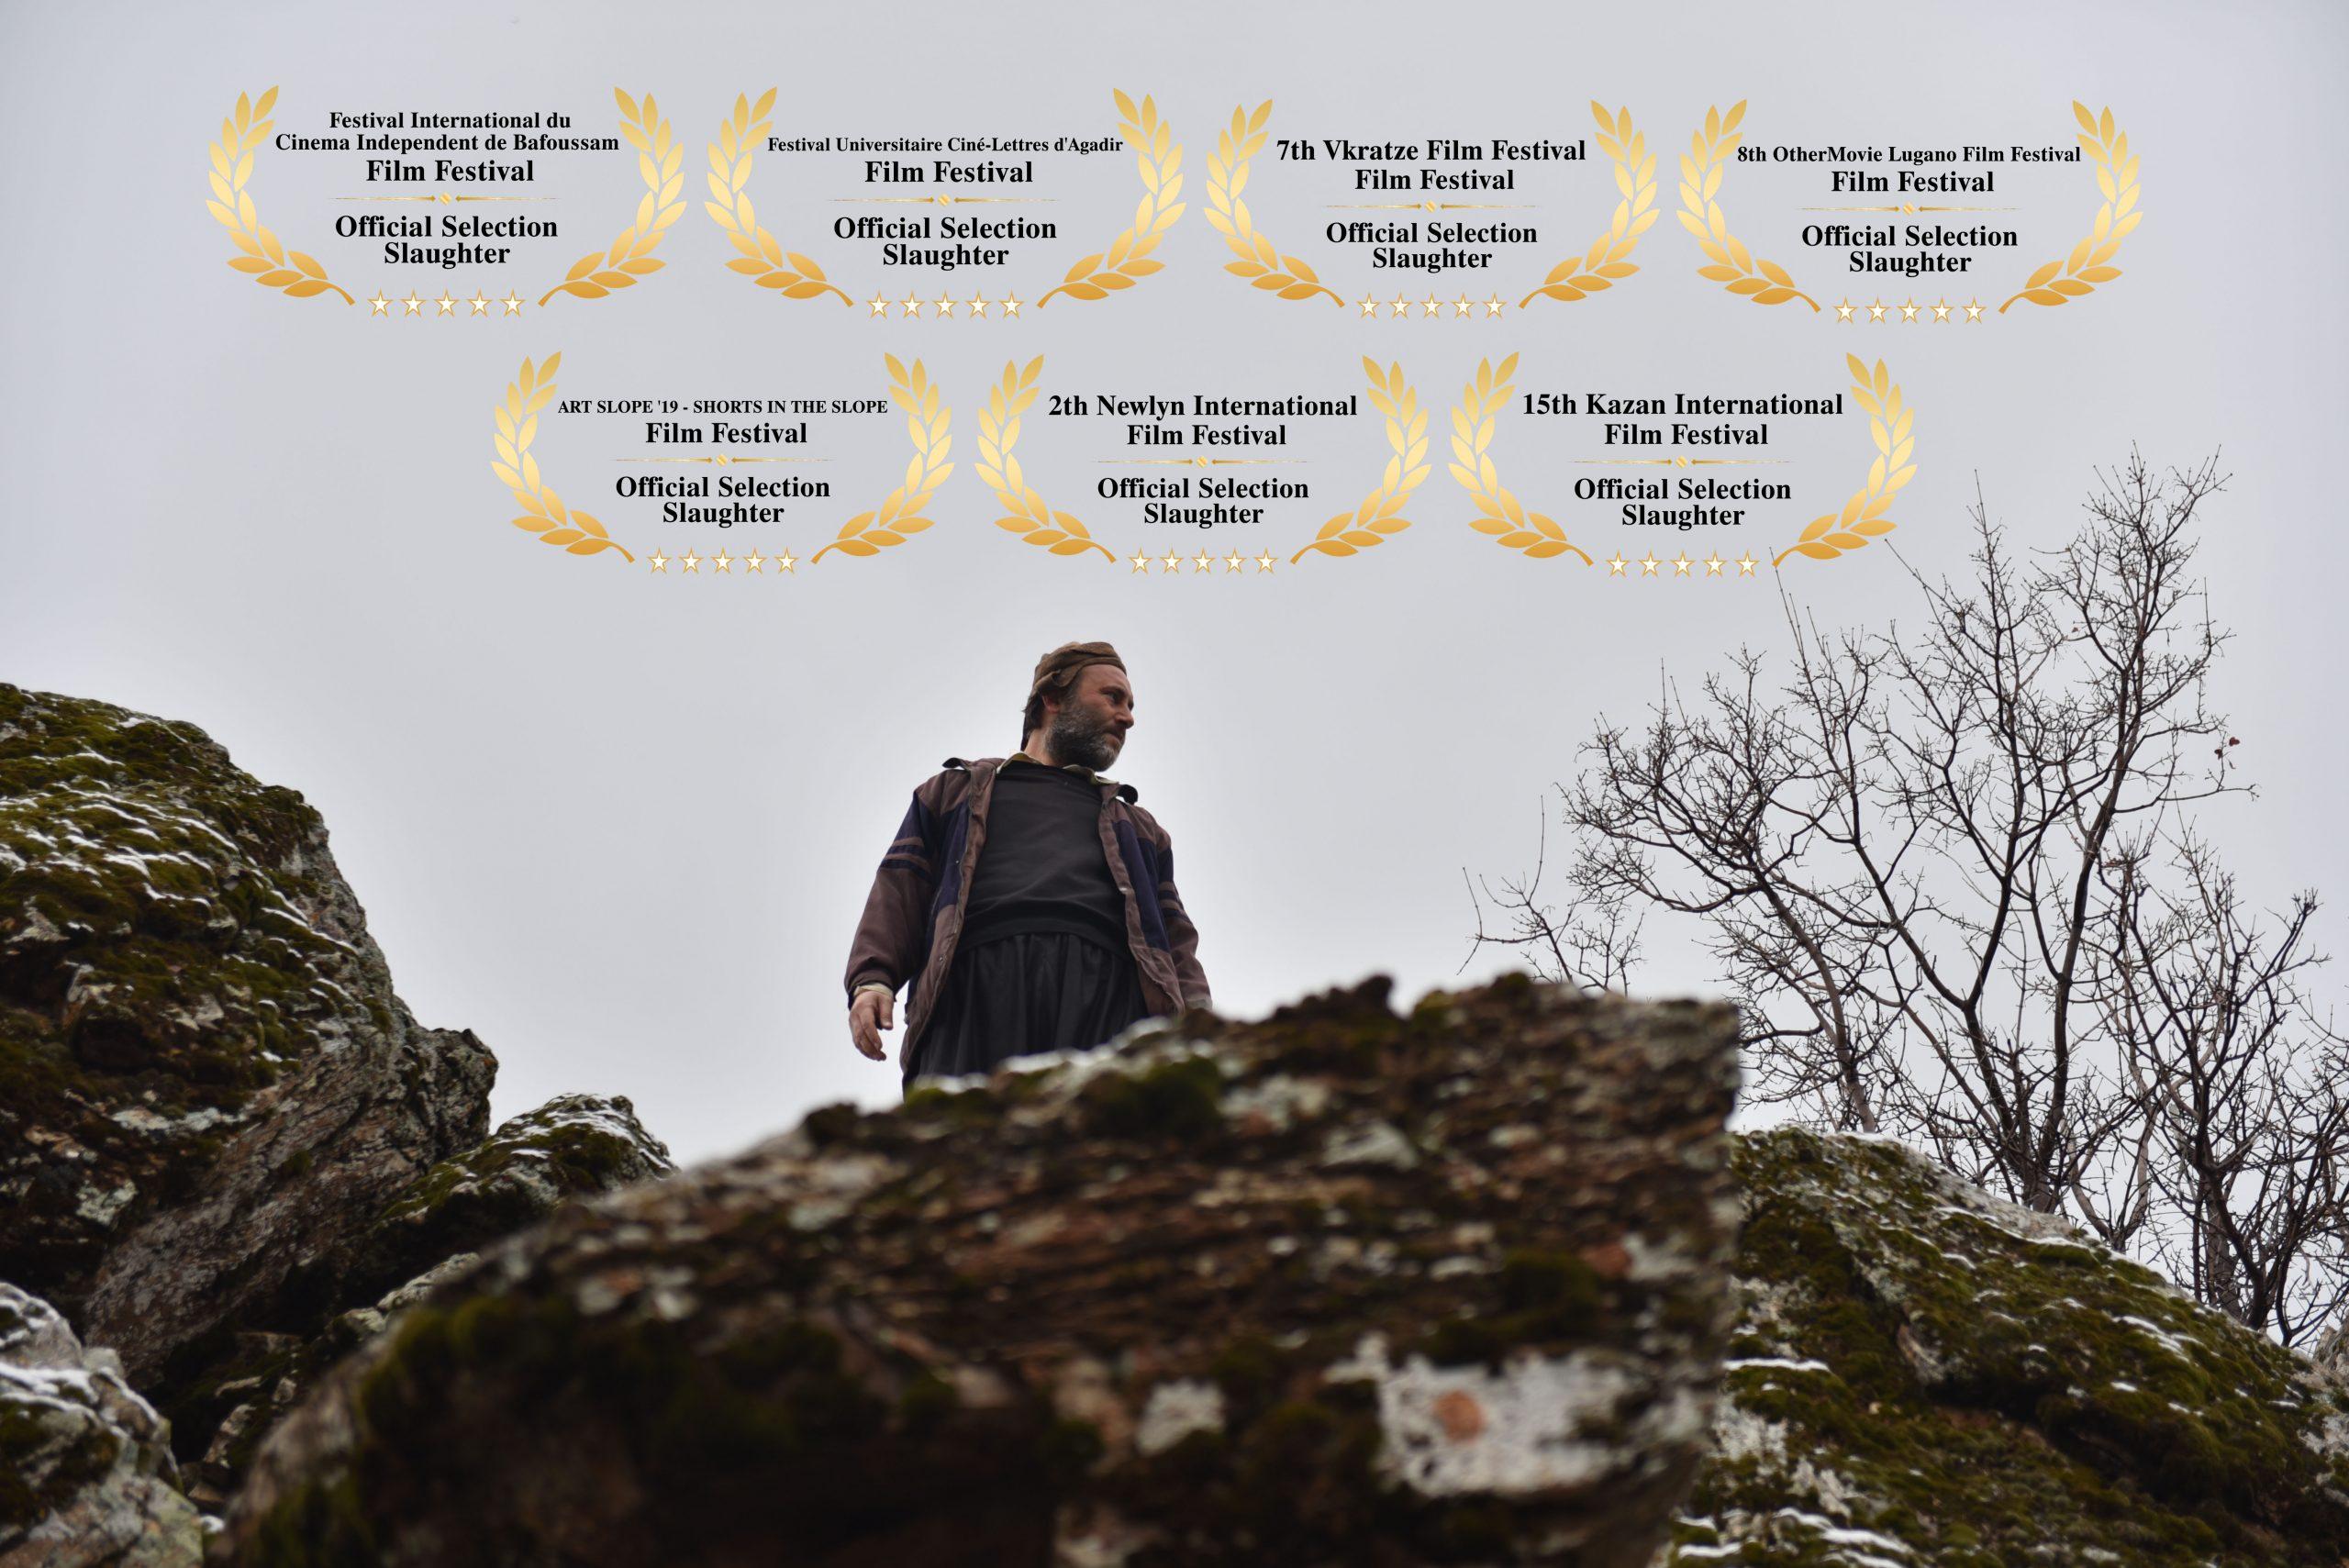 اکران «ذبح» در هفت جشنواره بینالمللی